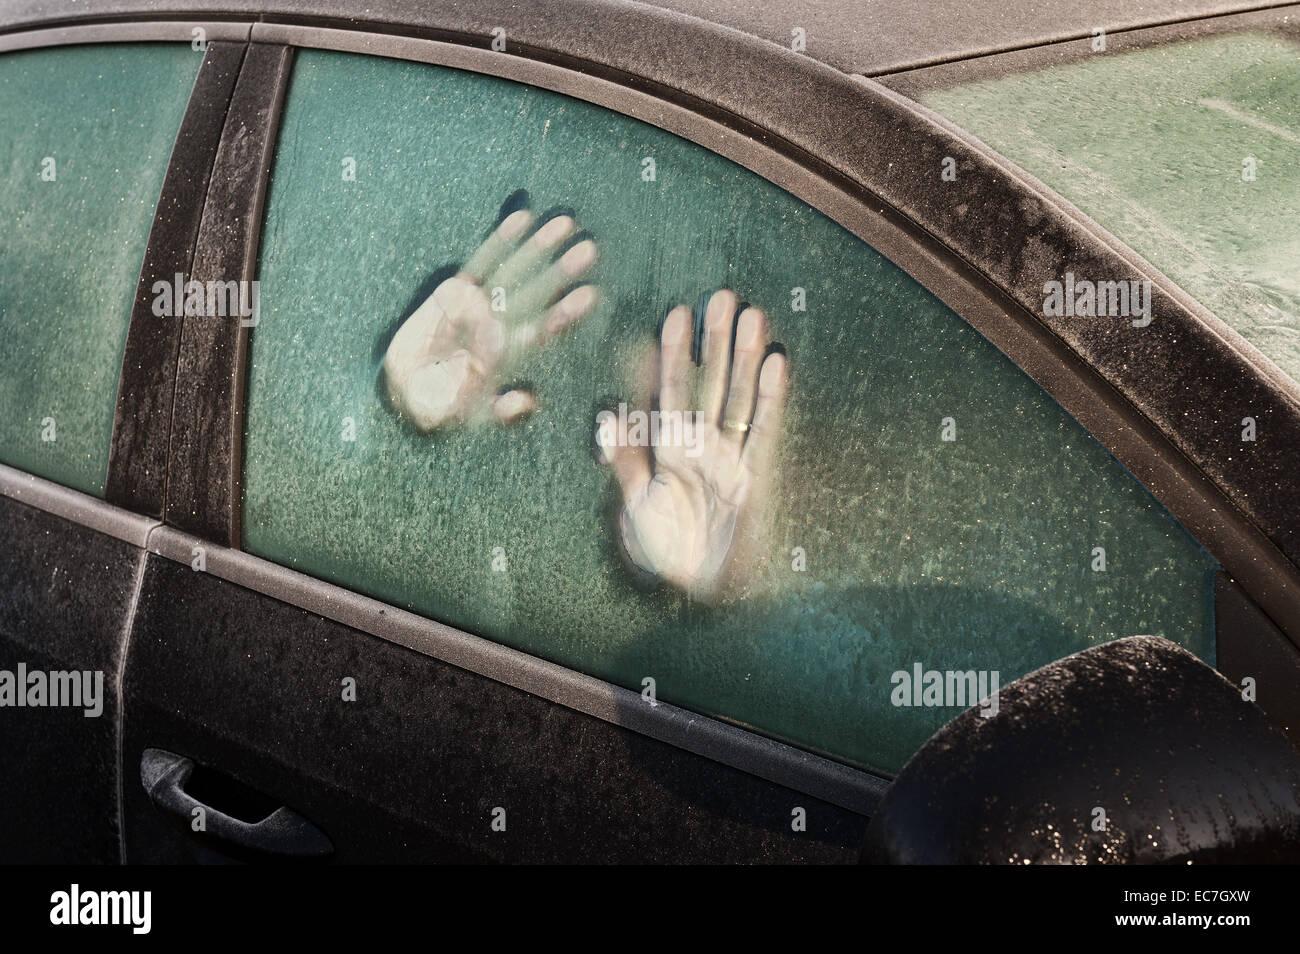 Impresión de mano como huellas de escarcha fundida en la ventana a la idea de coche atrapado dentro de sobrevivientes Imagen De Stock